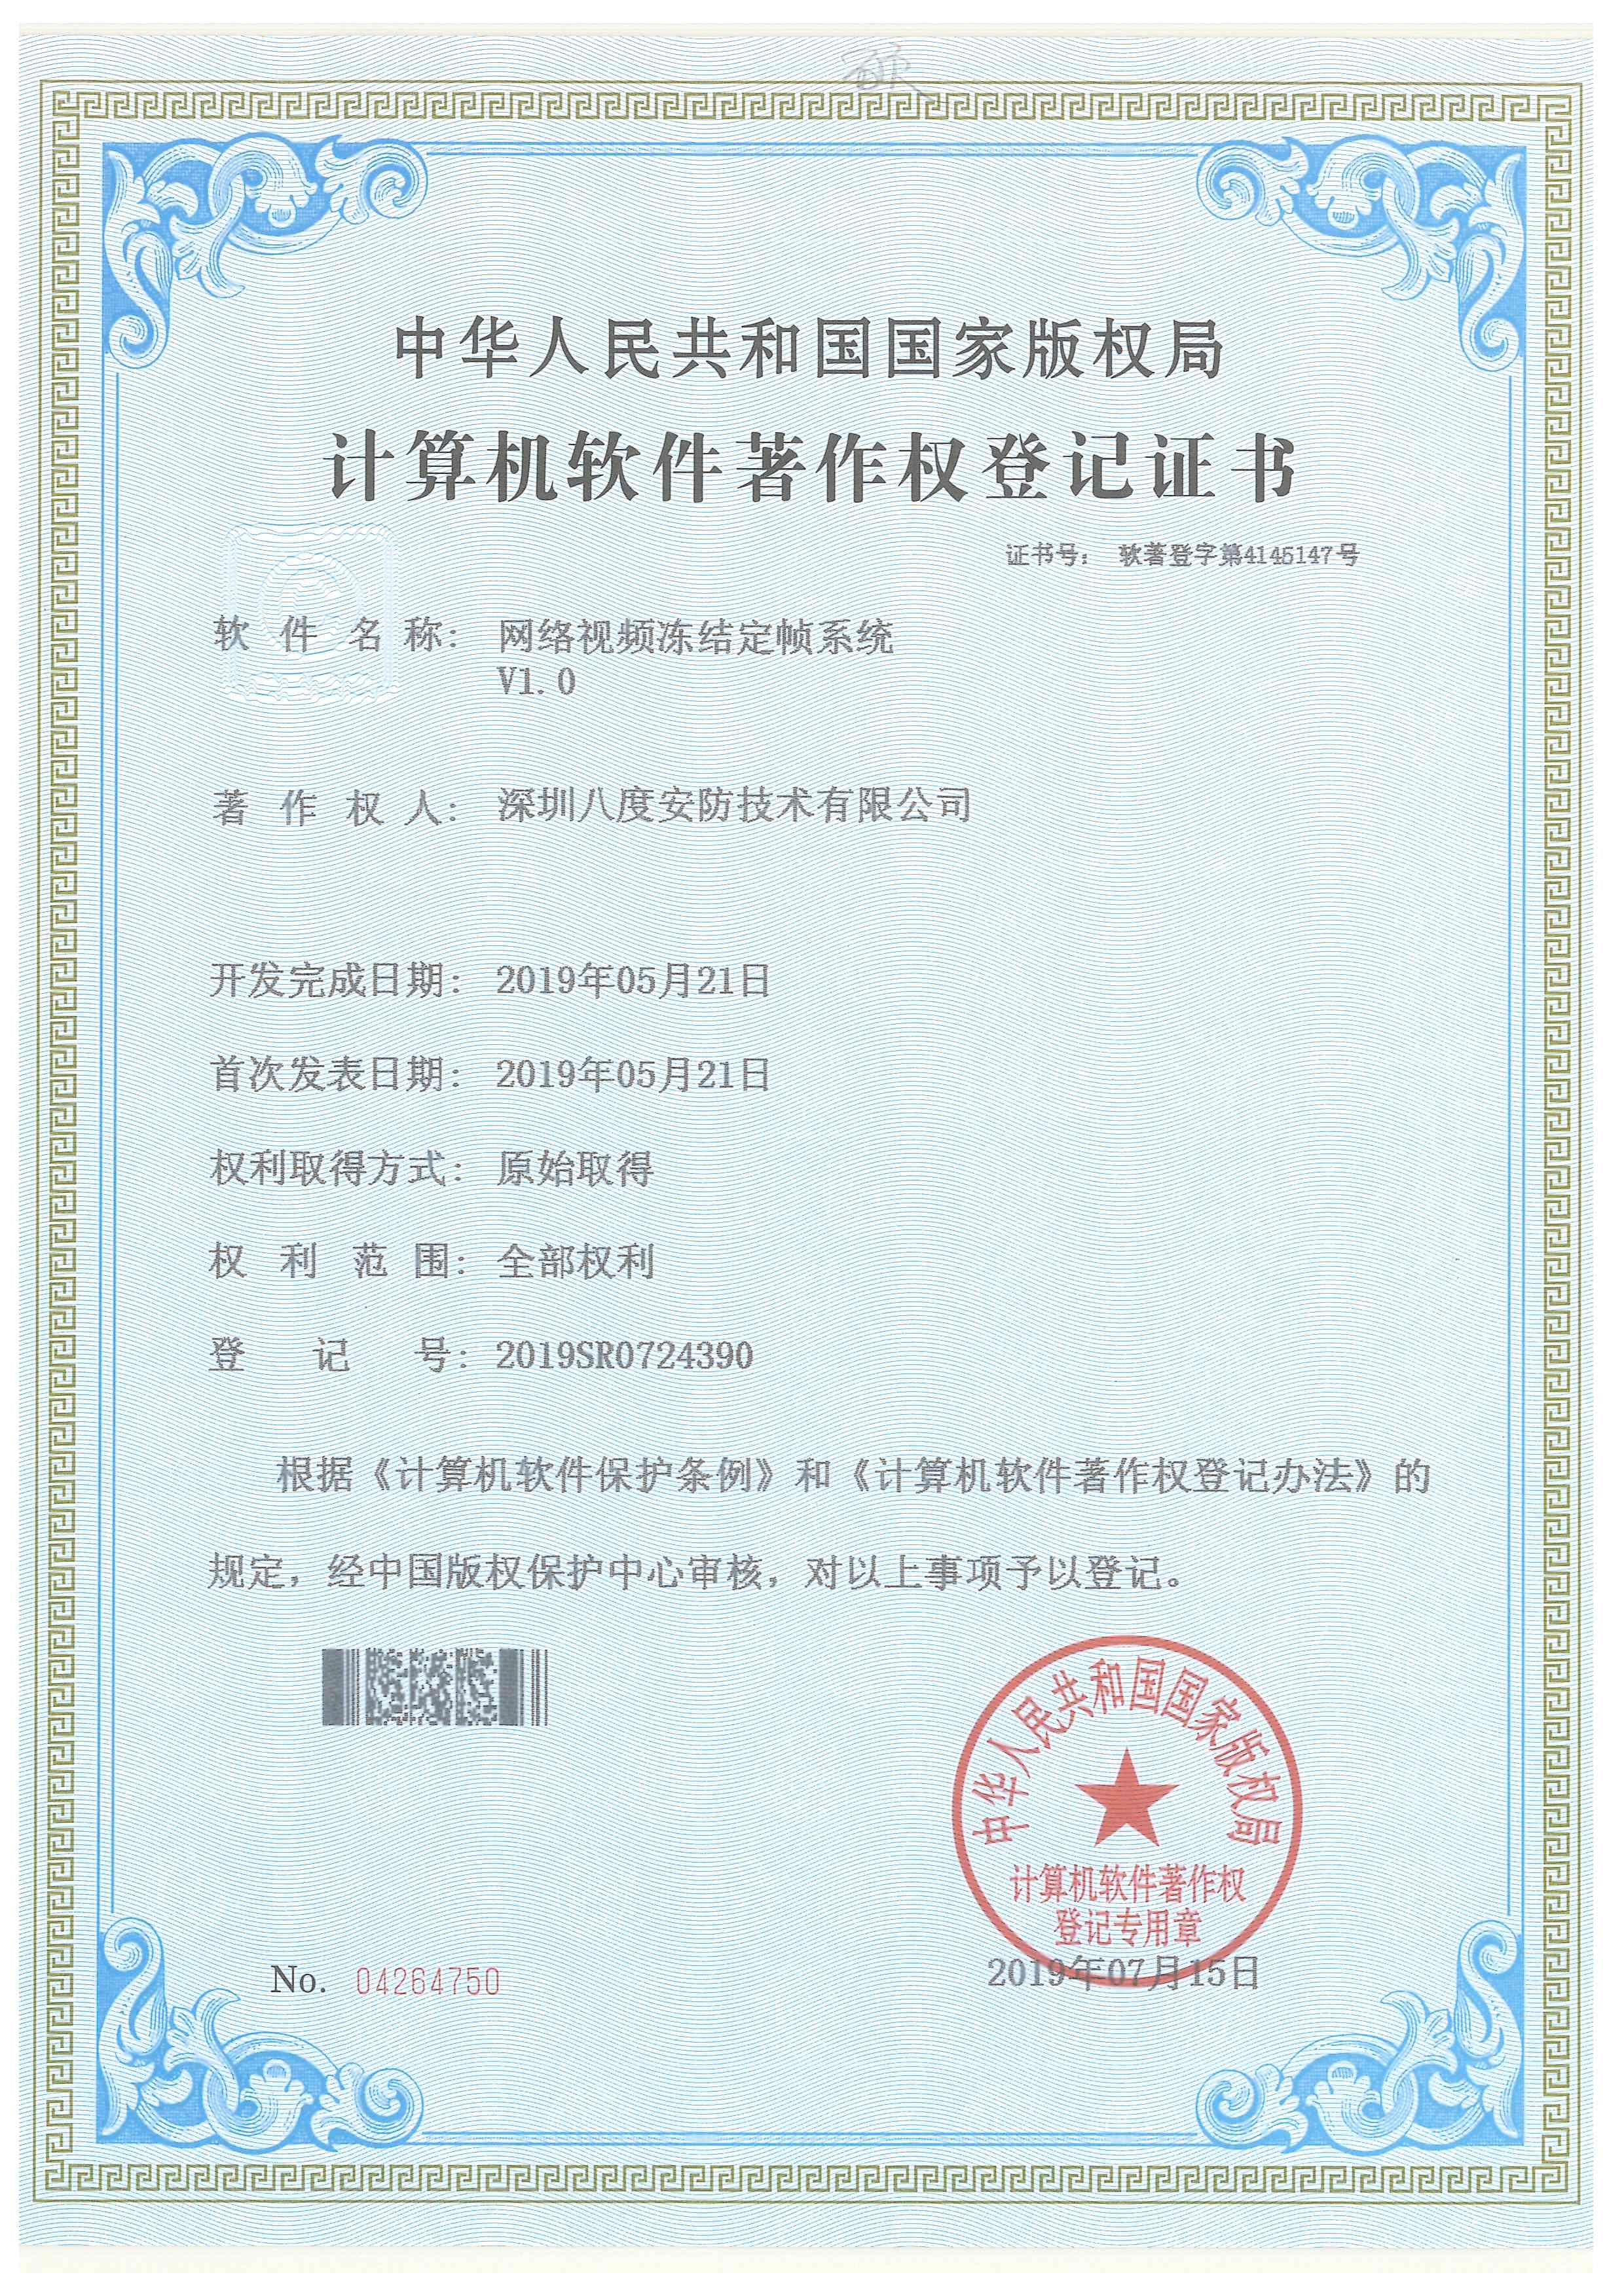 八安网络视频冻结定帧系统软件著作权证书